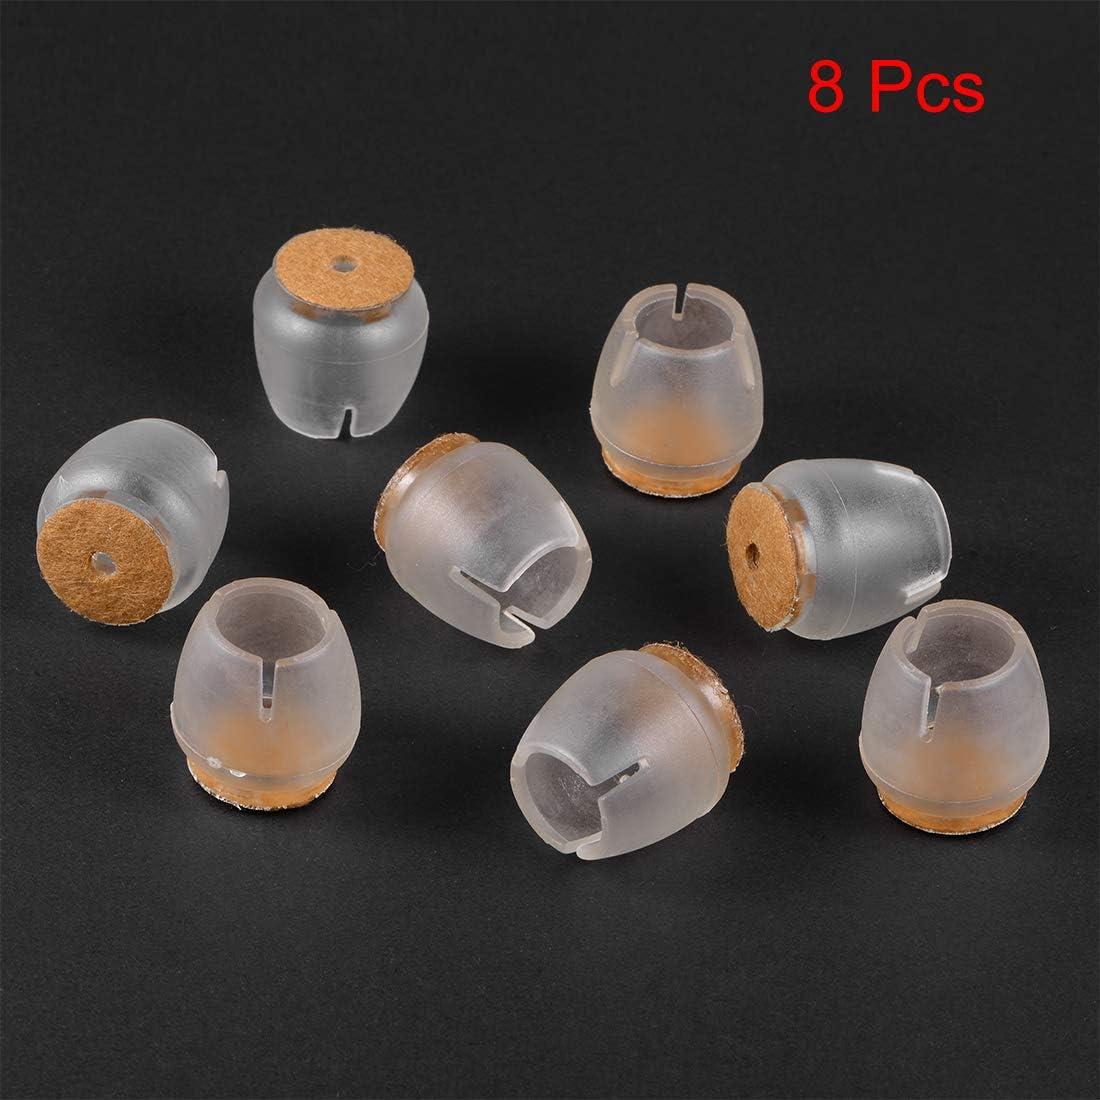 Patas redondas para muebles de 16 mm a 21 mm 8 piezas sourcing map Protectores de suelo para pata de la silla